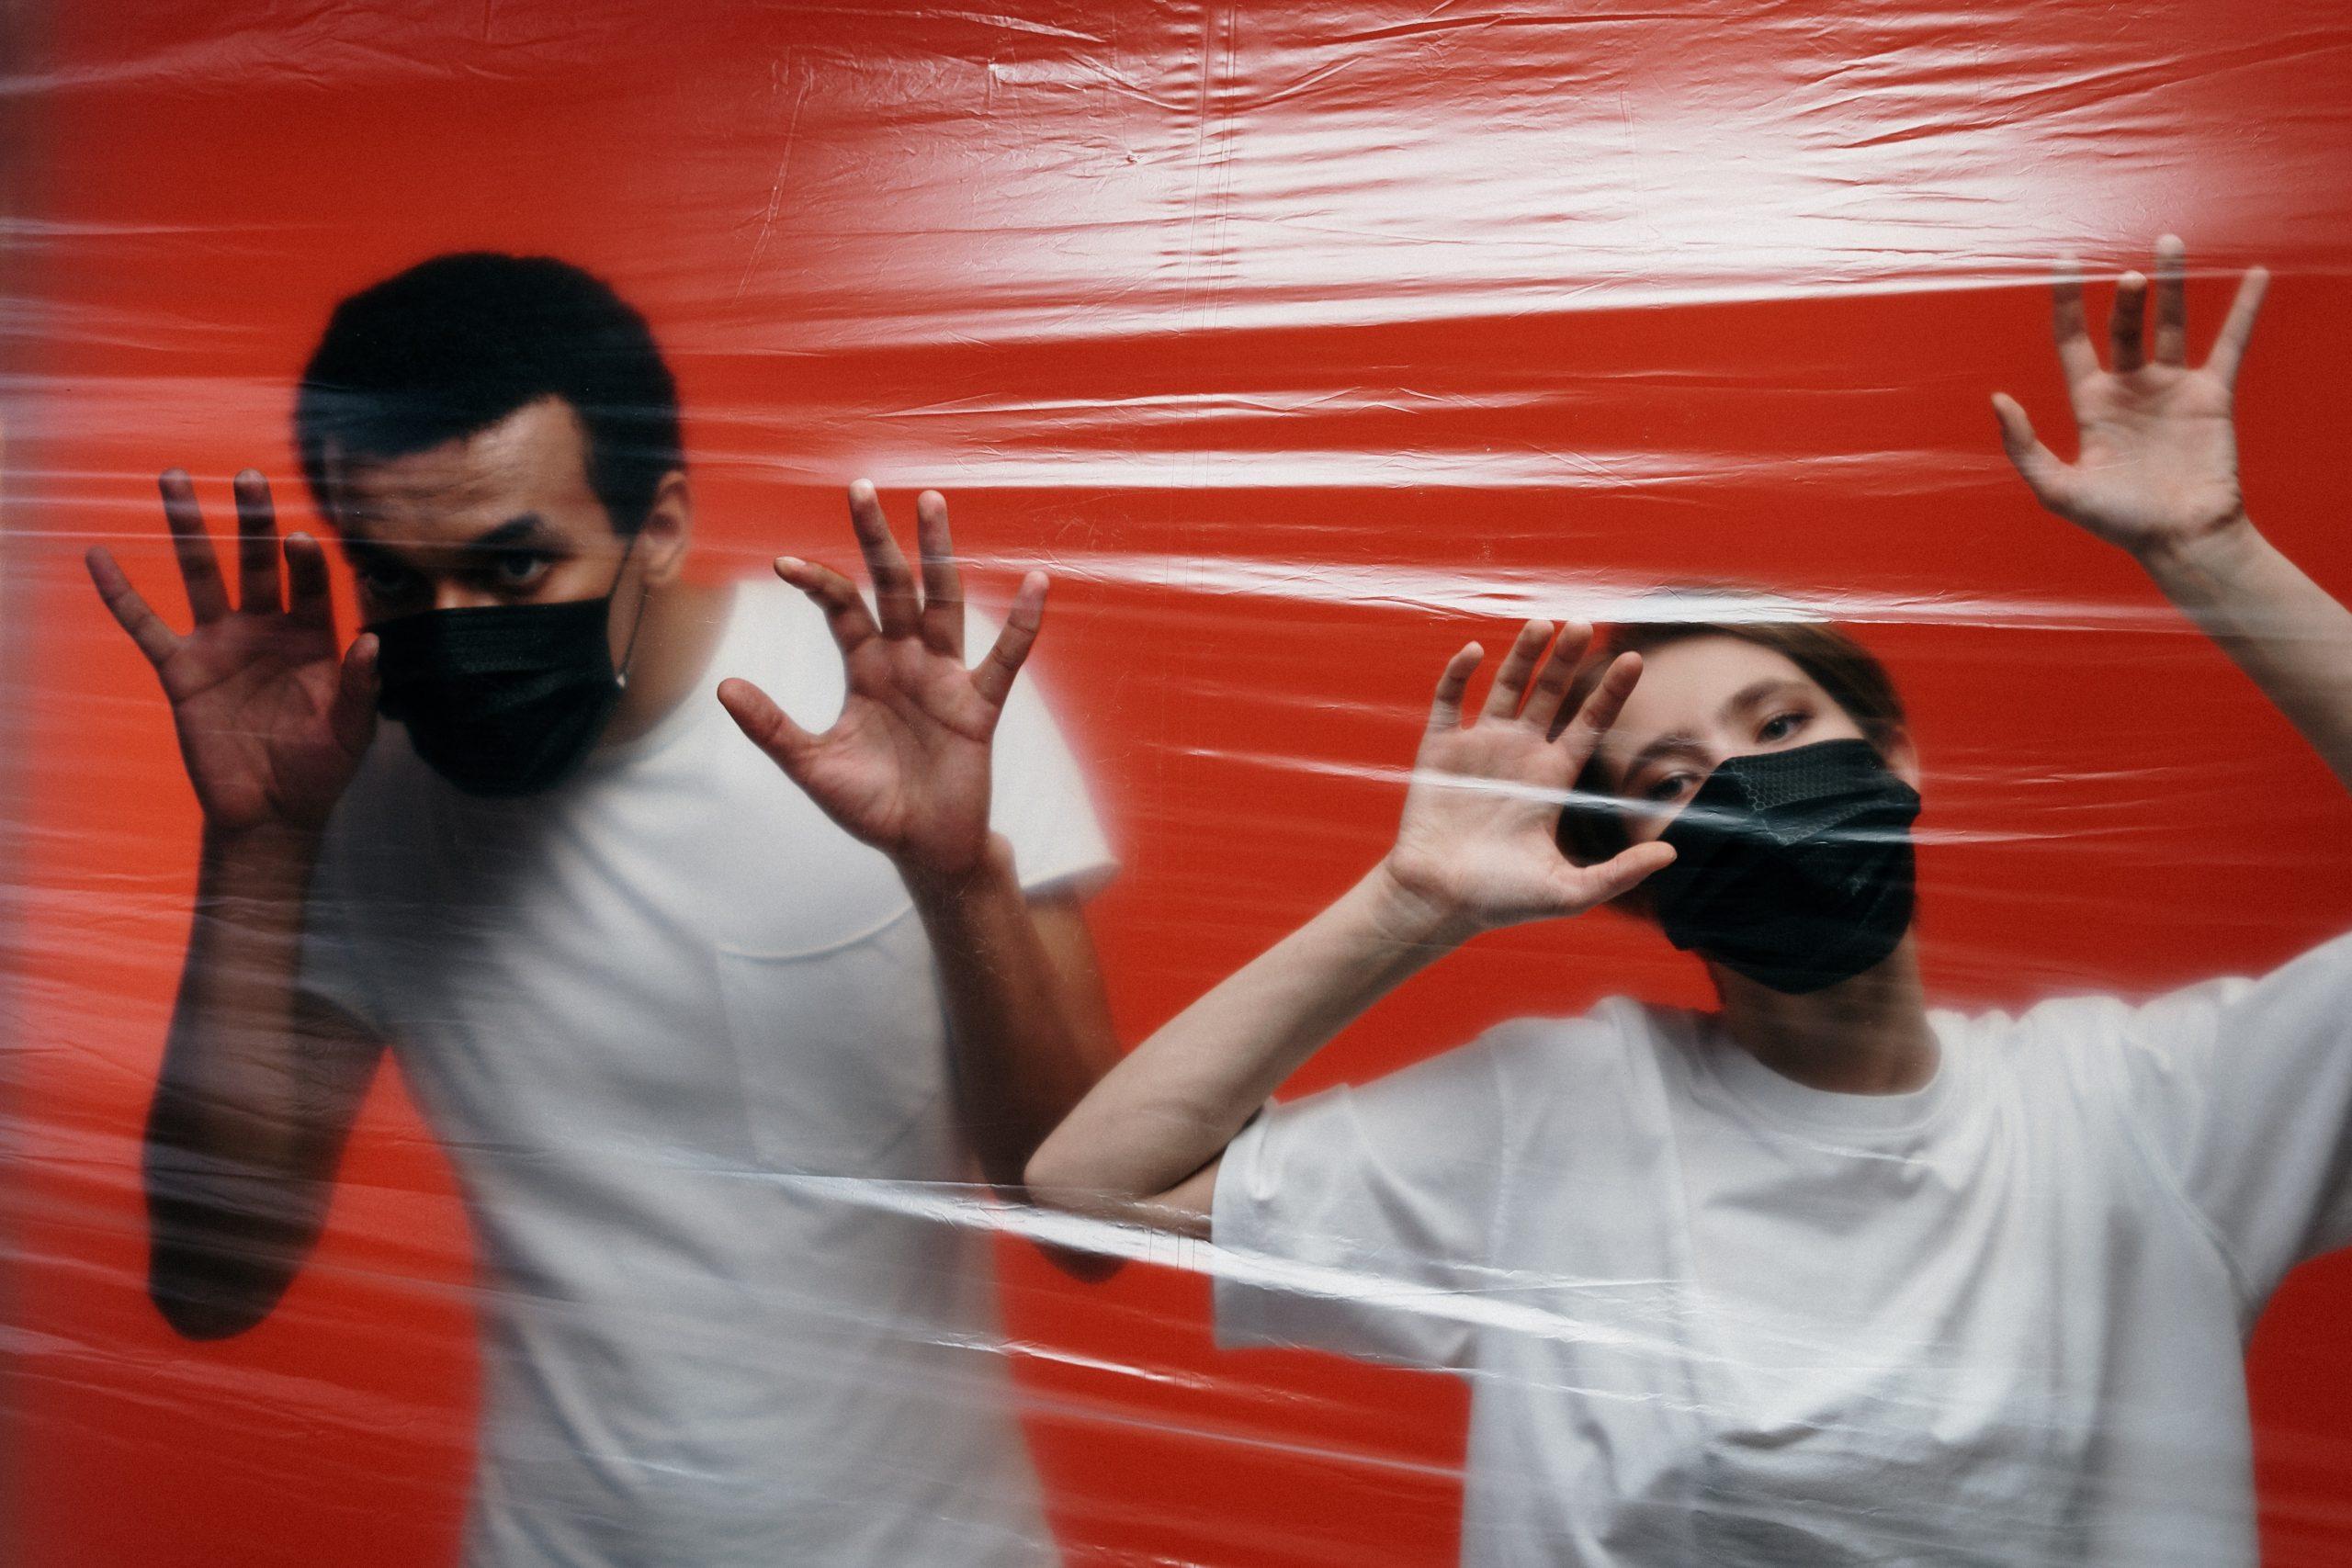 Zwei Menschen mit schwarzem Mund-Nasen-Schutz hinter einer Plastik-Folie vor einer roten Wand